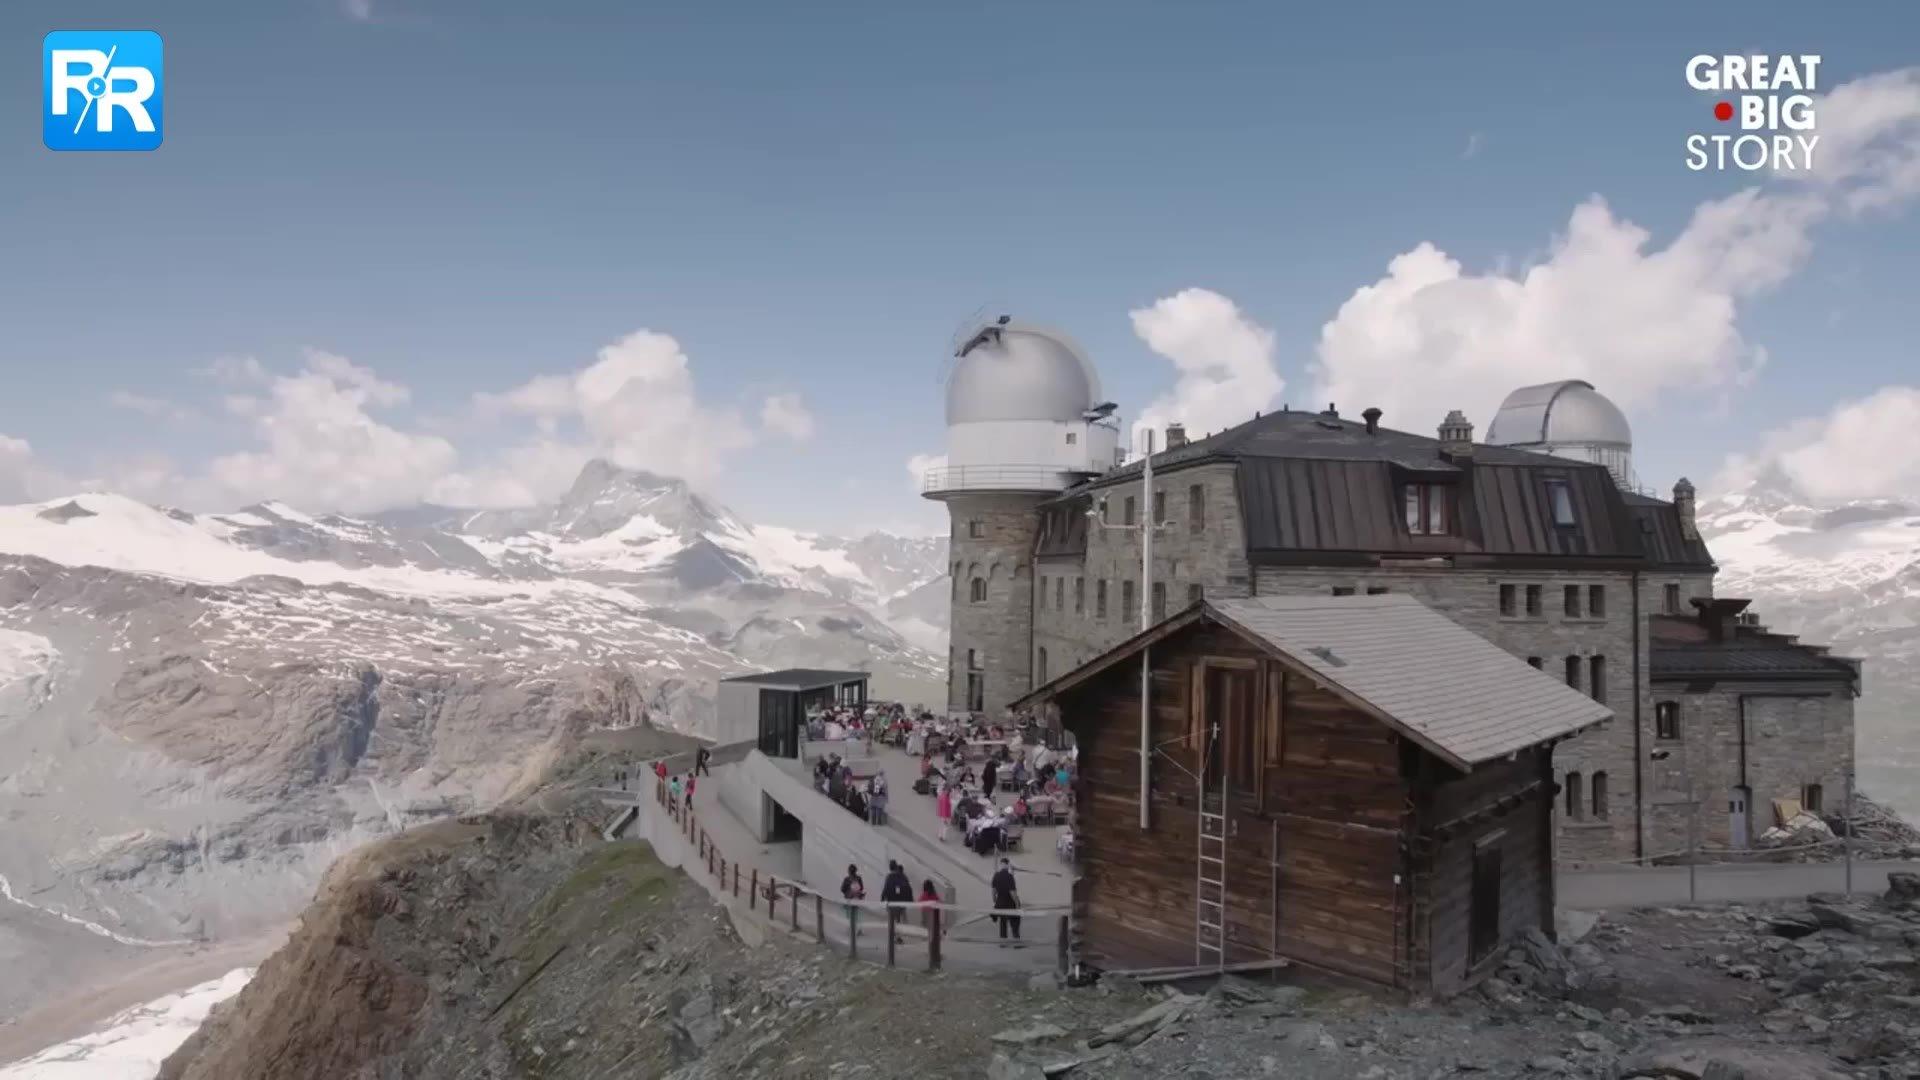 足不出户看流星!瑞士阿尔卑斯山的这家酒店可以满足你